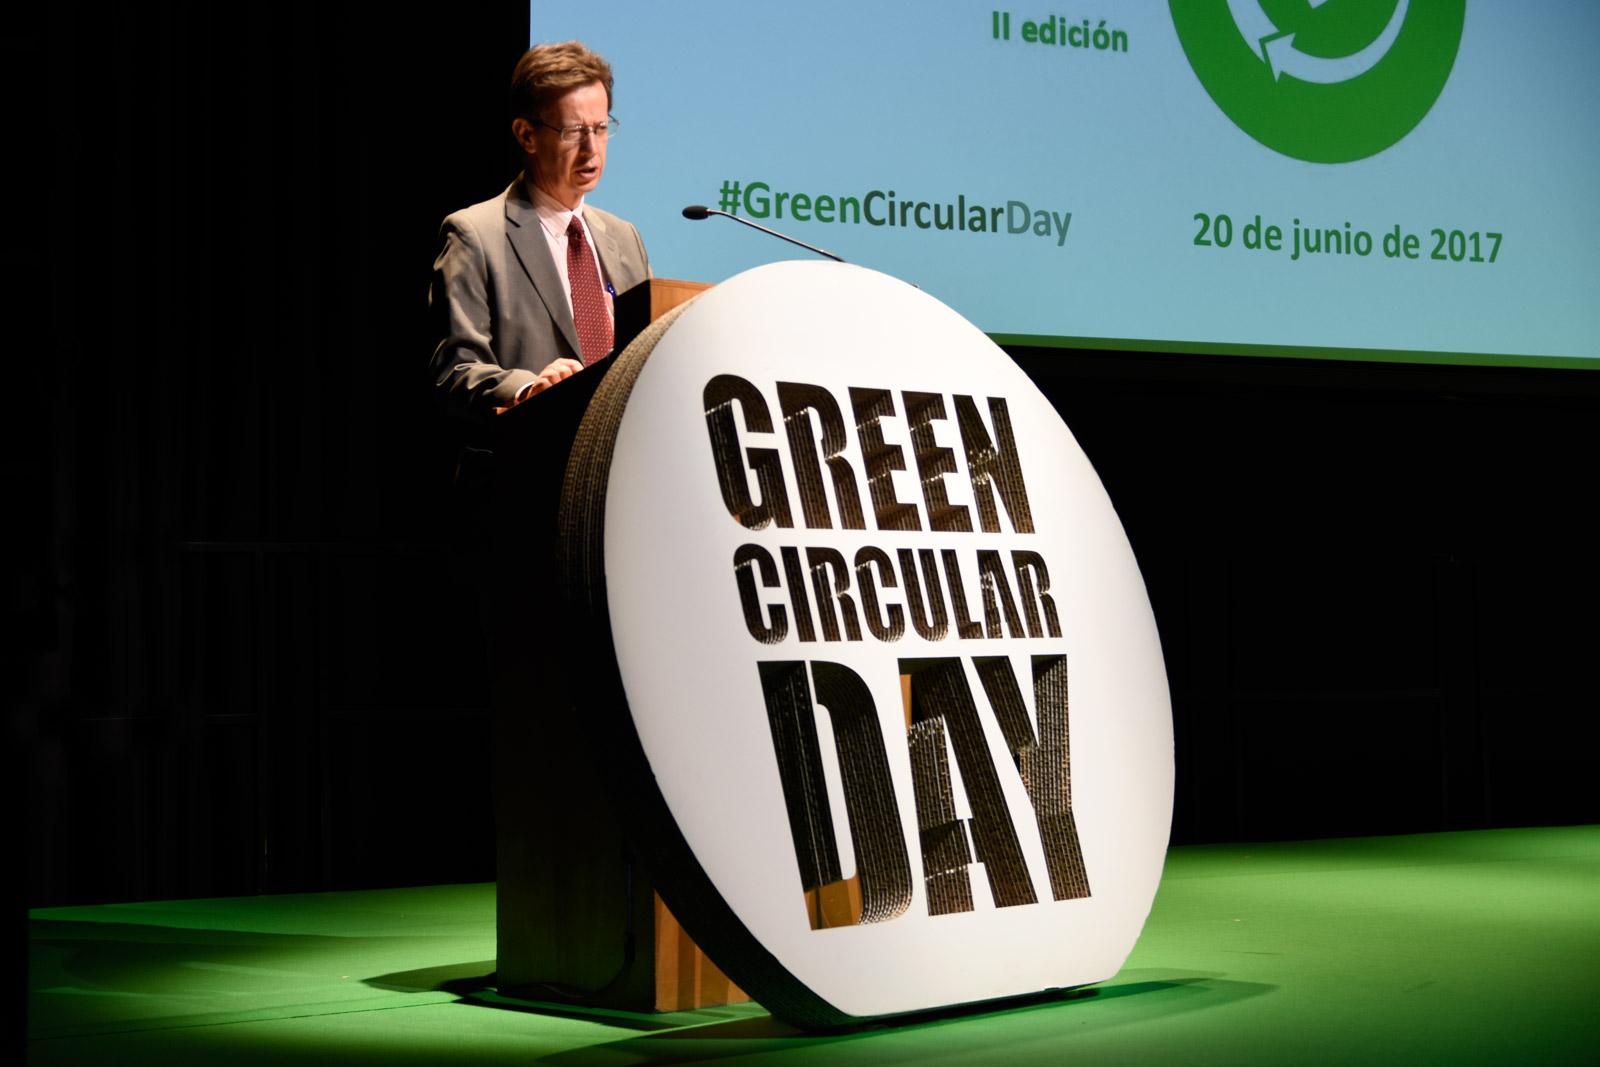 corporeo atril carton escenario evento green circular day